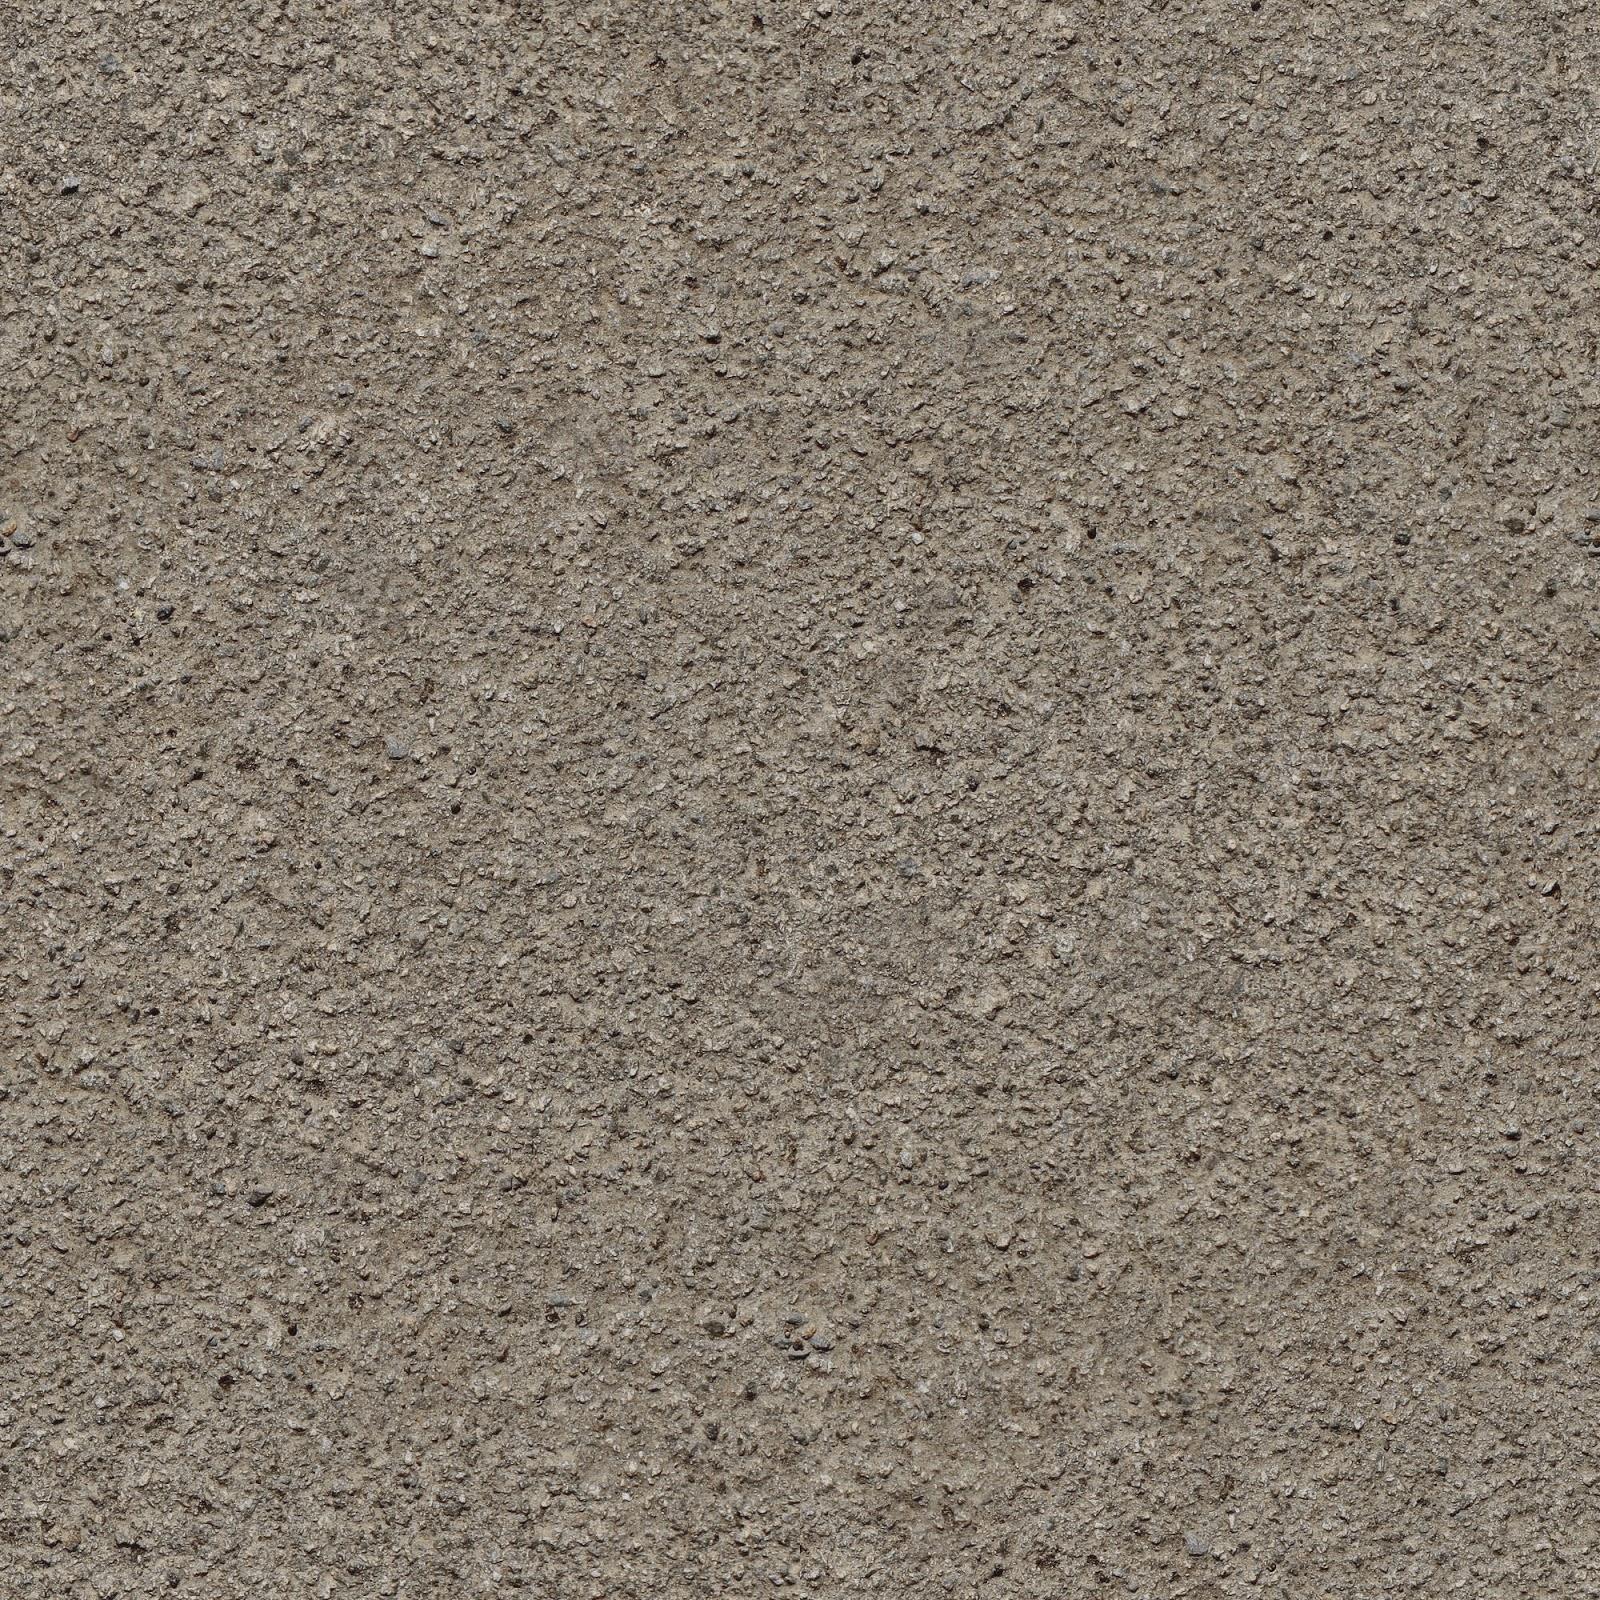 Concrete Floor Texture Concrete